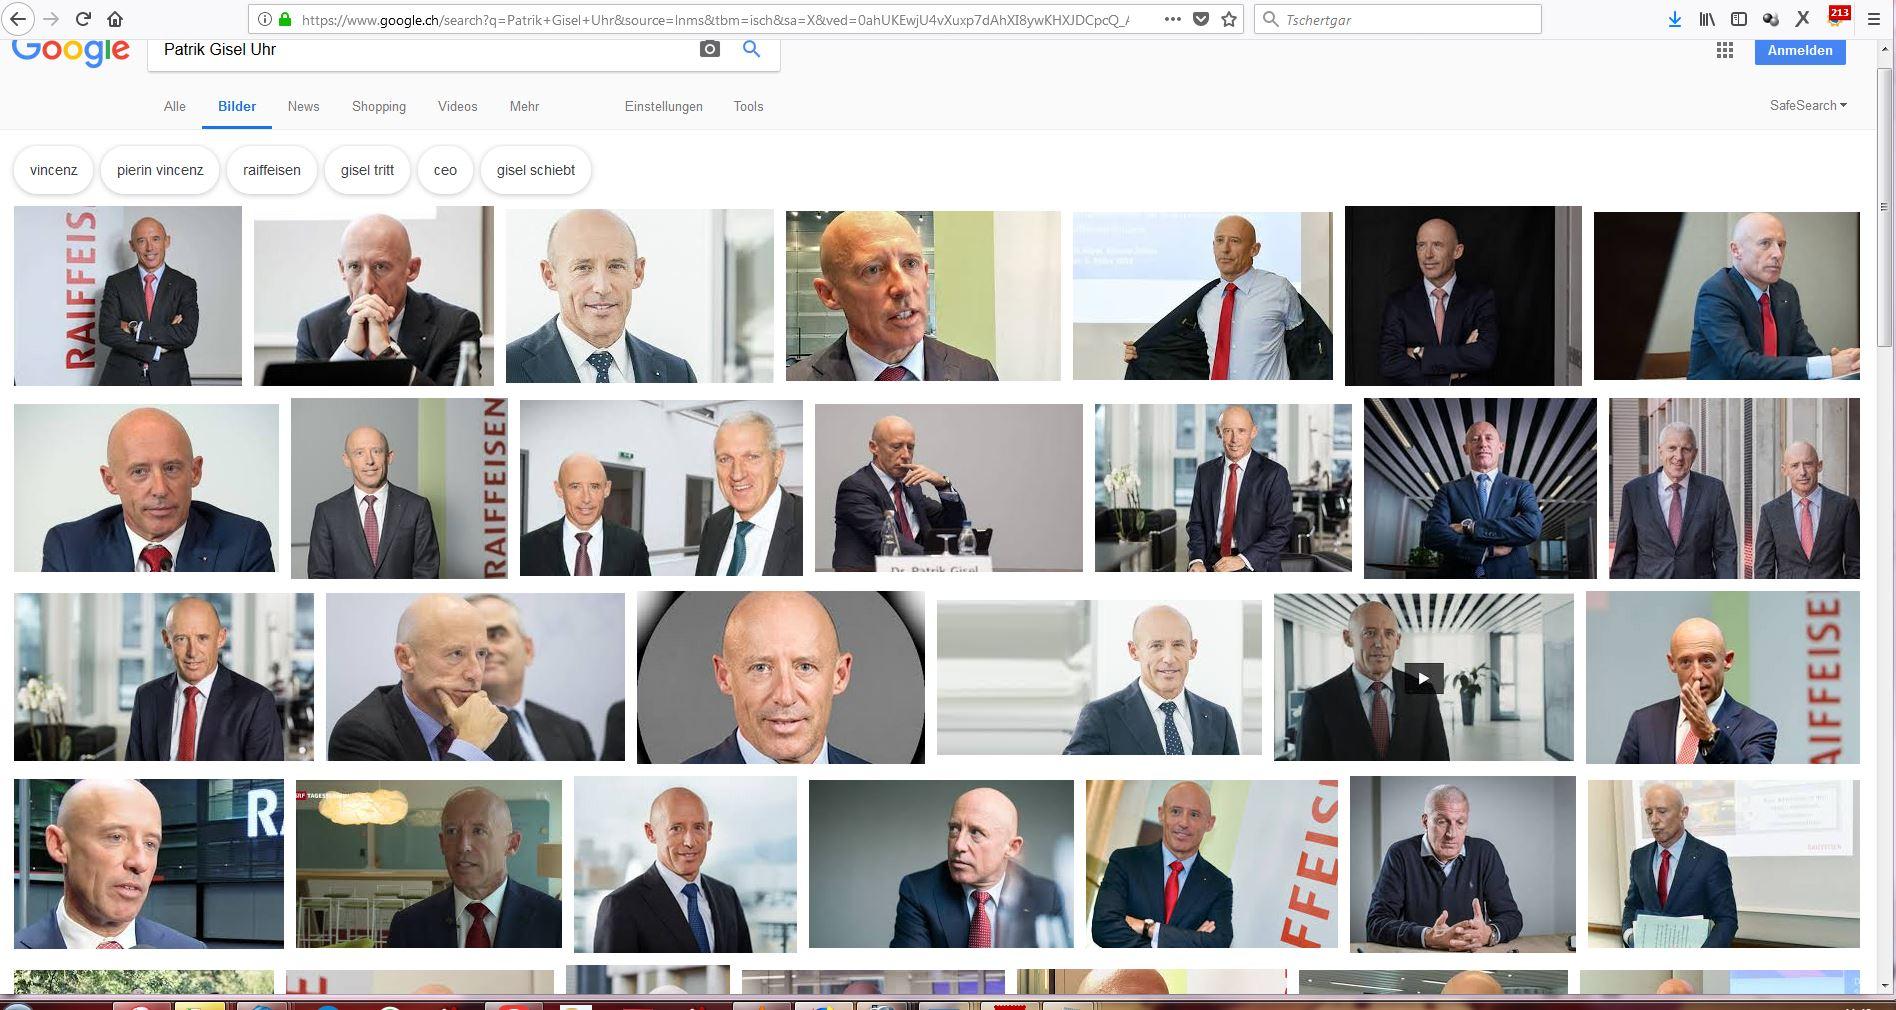 """Wer Patrik Gisel """"guhgelt"""" in der Bildersuche, sieht ihn oft, wie er seine Uhr präsentiert. Zufall oder nicht? (Bildschirmfotoausriß: Google-Bildersuche)"""